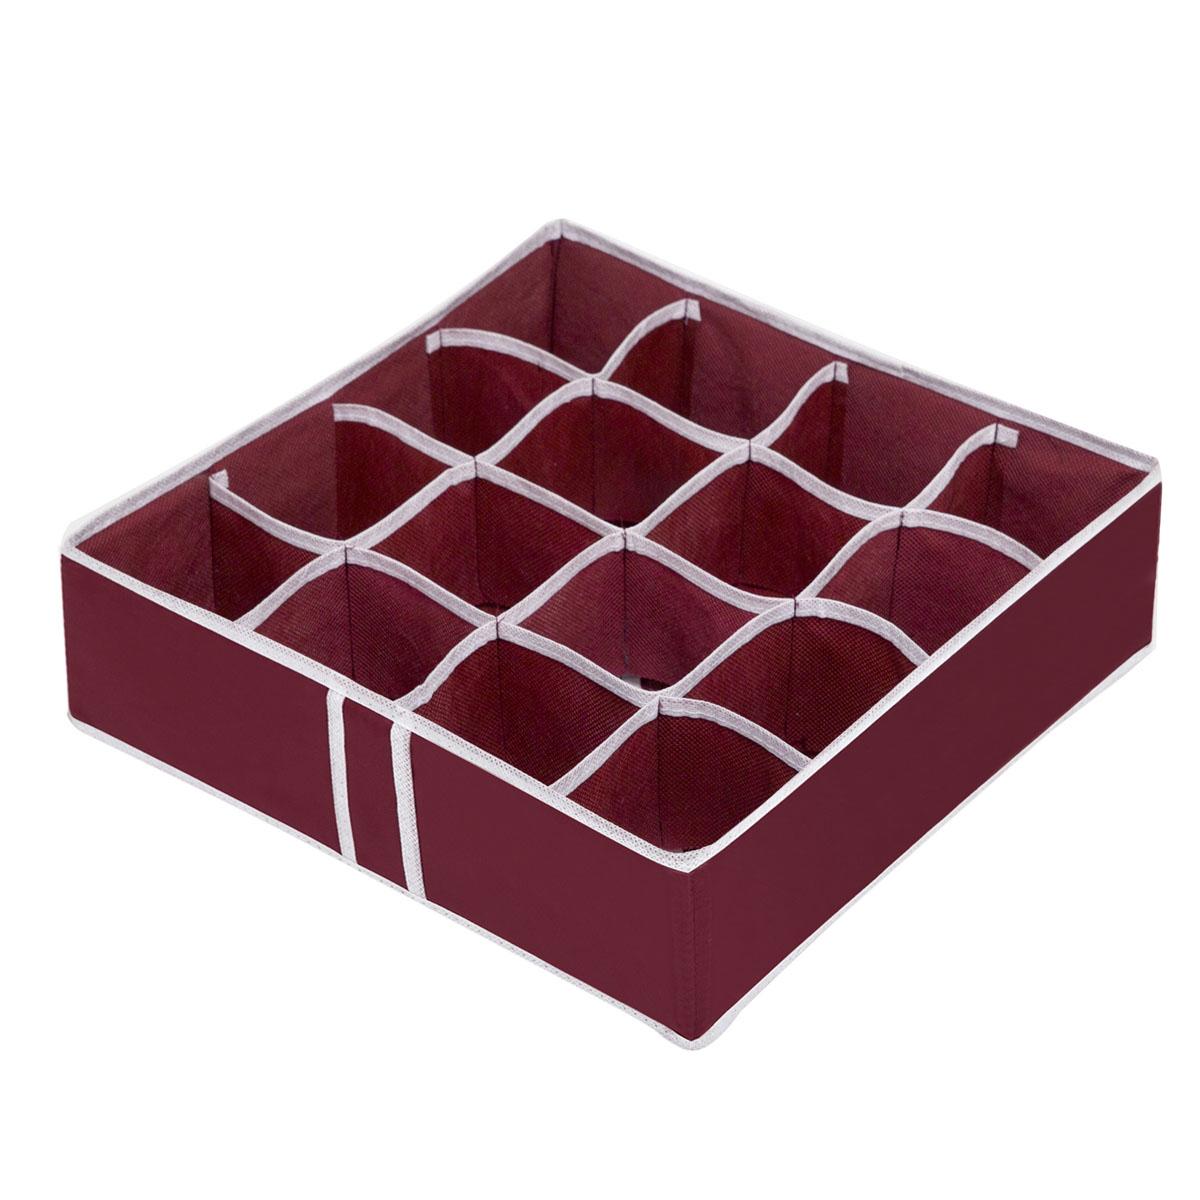 Органайзер для хранения вещей Homsu Red Rose, 16 секций, 35 x 35 x 10 смHOM-14Компактный складной органайзер Homsu Red Rose изготовлен из высококачественного полиэстера, который обеспечивает естественную вентиляцию. Материал позволяет воздуху свободно проникать внутрь, но не пропускает пыль. Органайзер отлично держит форму, благодаря вставкам из плотного картона. Изделие имеет 16 квадратных секций для хранения нижнего белья, колготок, носков и другой одежды.Такой органайзер позволит вам хранить вещи компактно и удобно.Размер секции: 8 х 8 см.